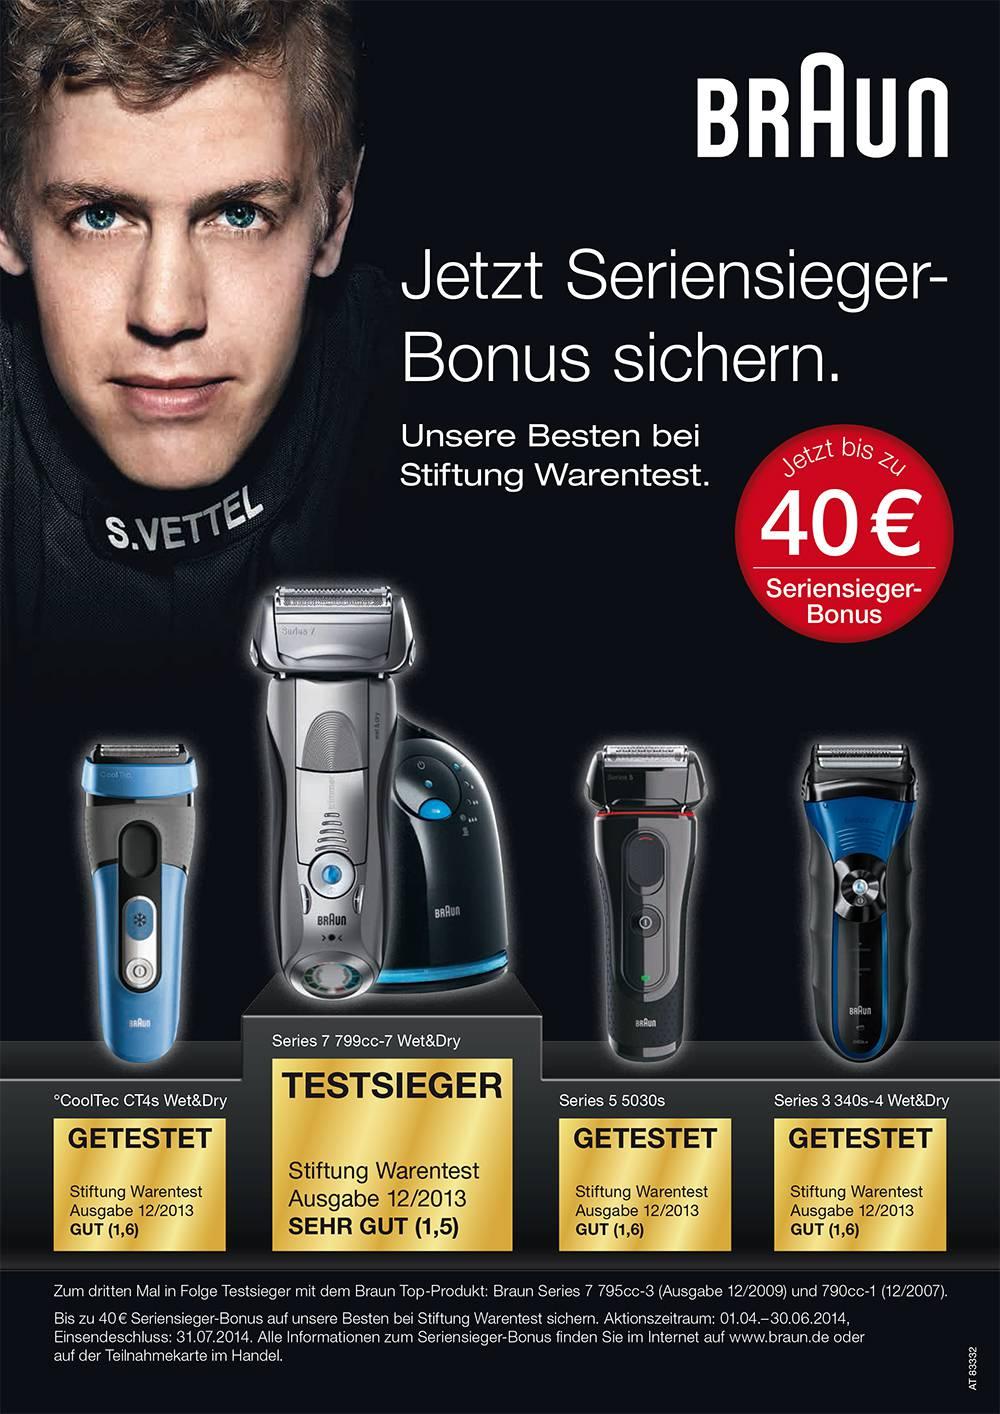 _40-€-Seriensieger-Bonus-auf-die-Besten-von-Braun